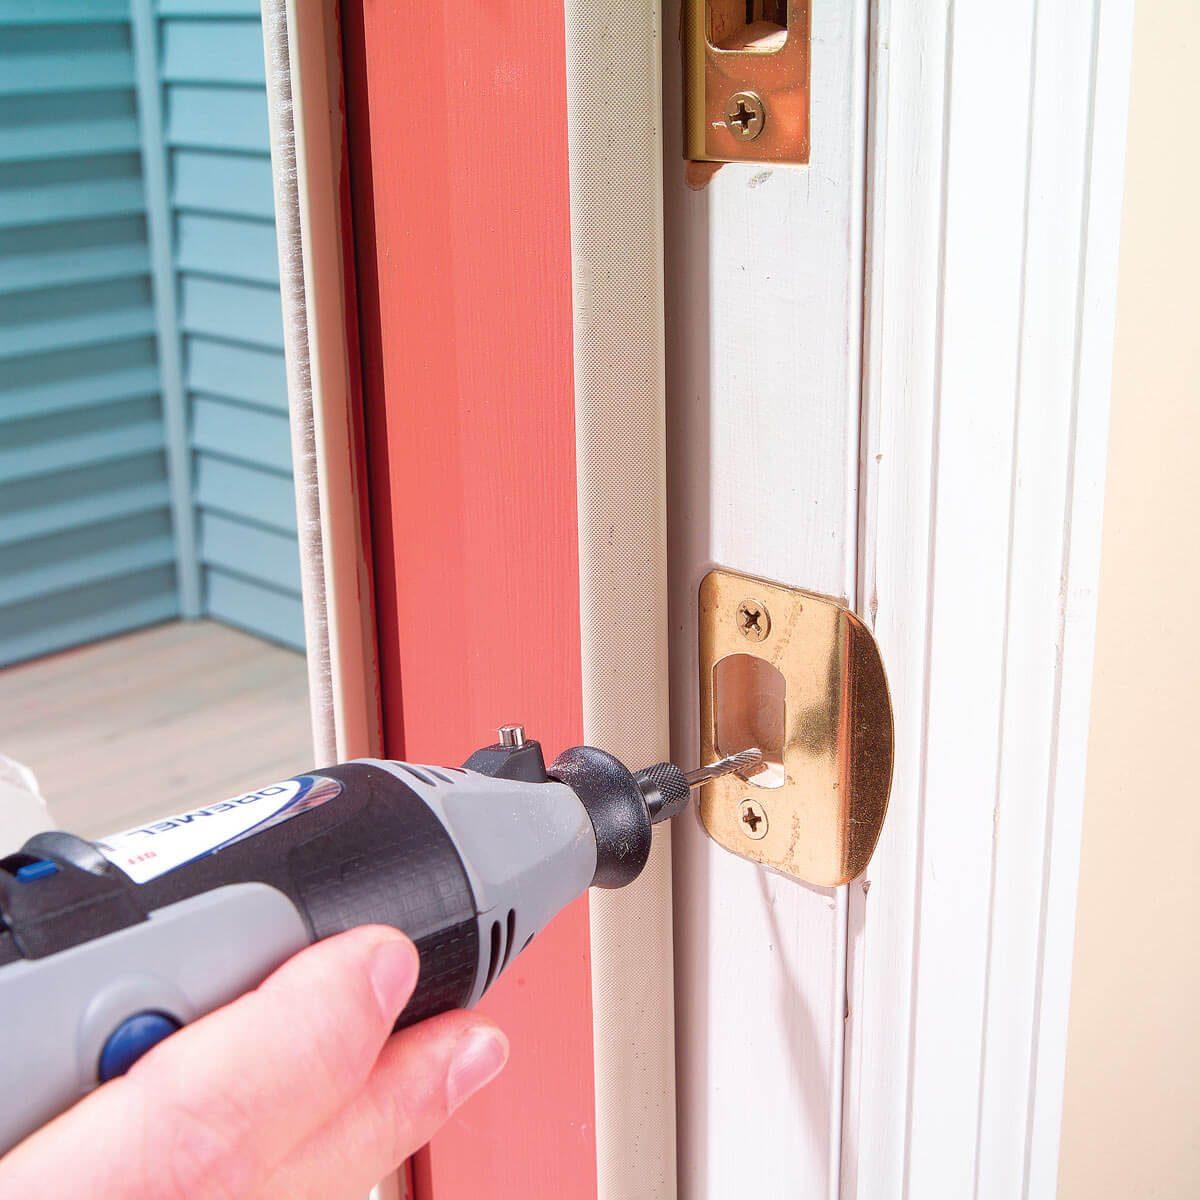 fix door that doesn't latch